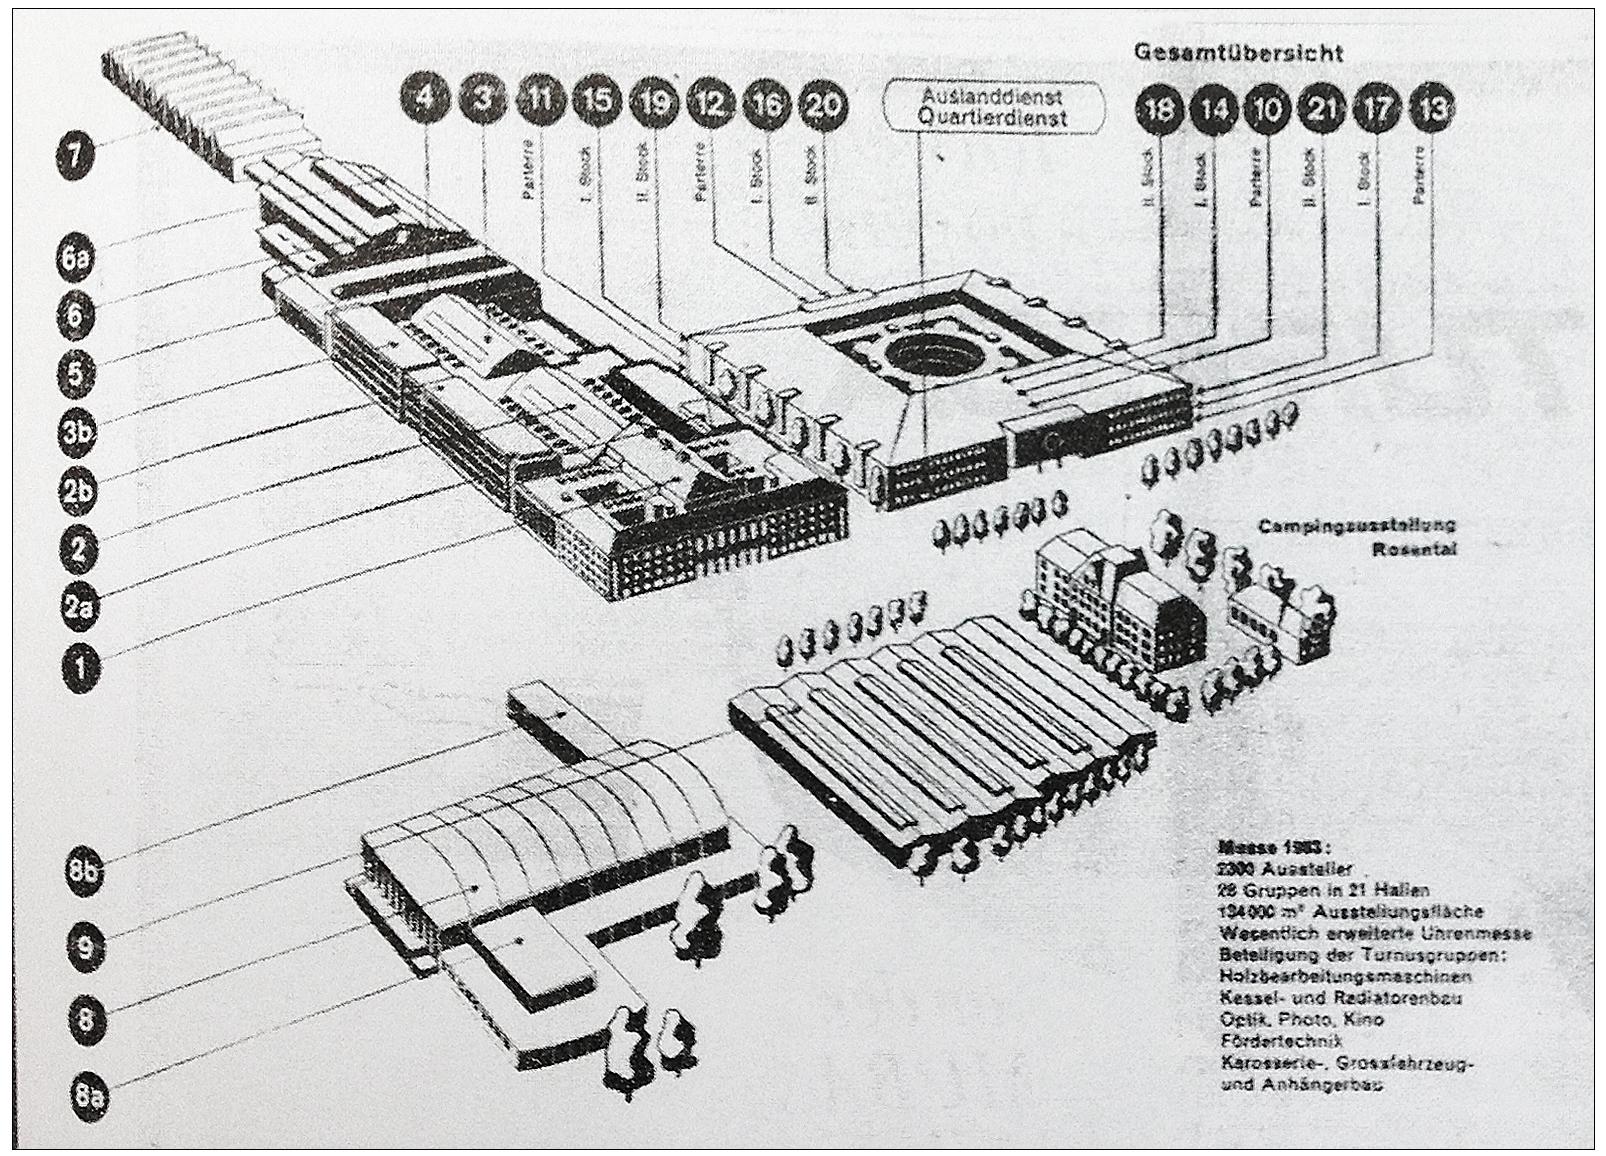 Die 21 Messehallen der Schweizer Mustermesse im Jahr 1963.